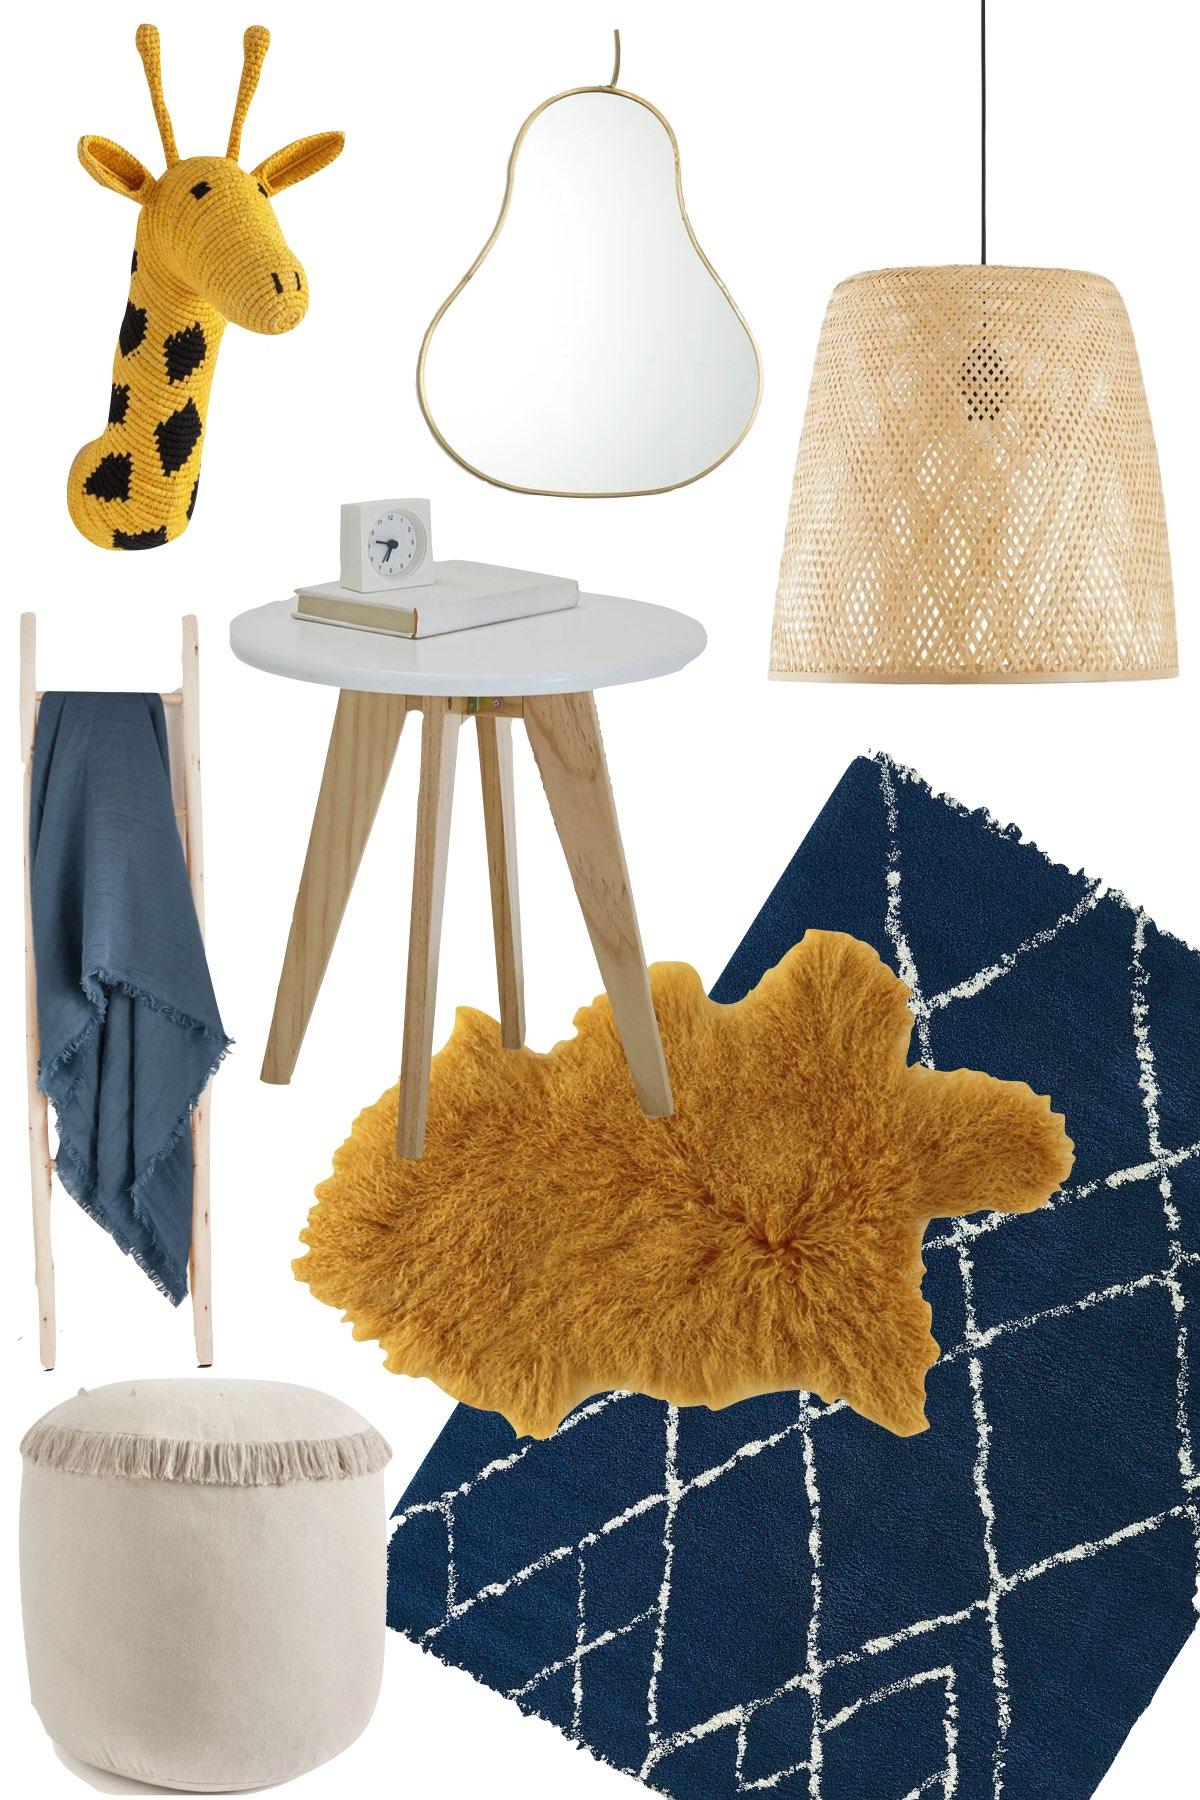 idée déco chambre enfant bleu jaune moutarde tapis berbère